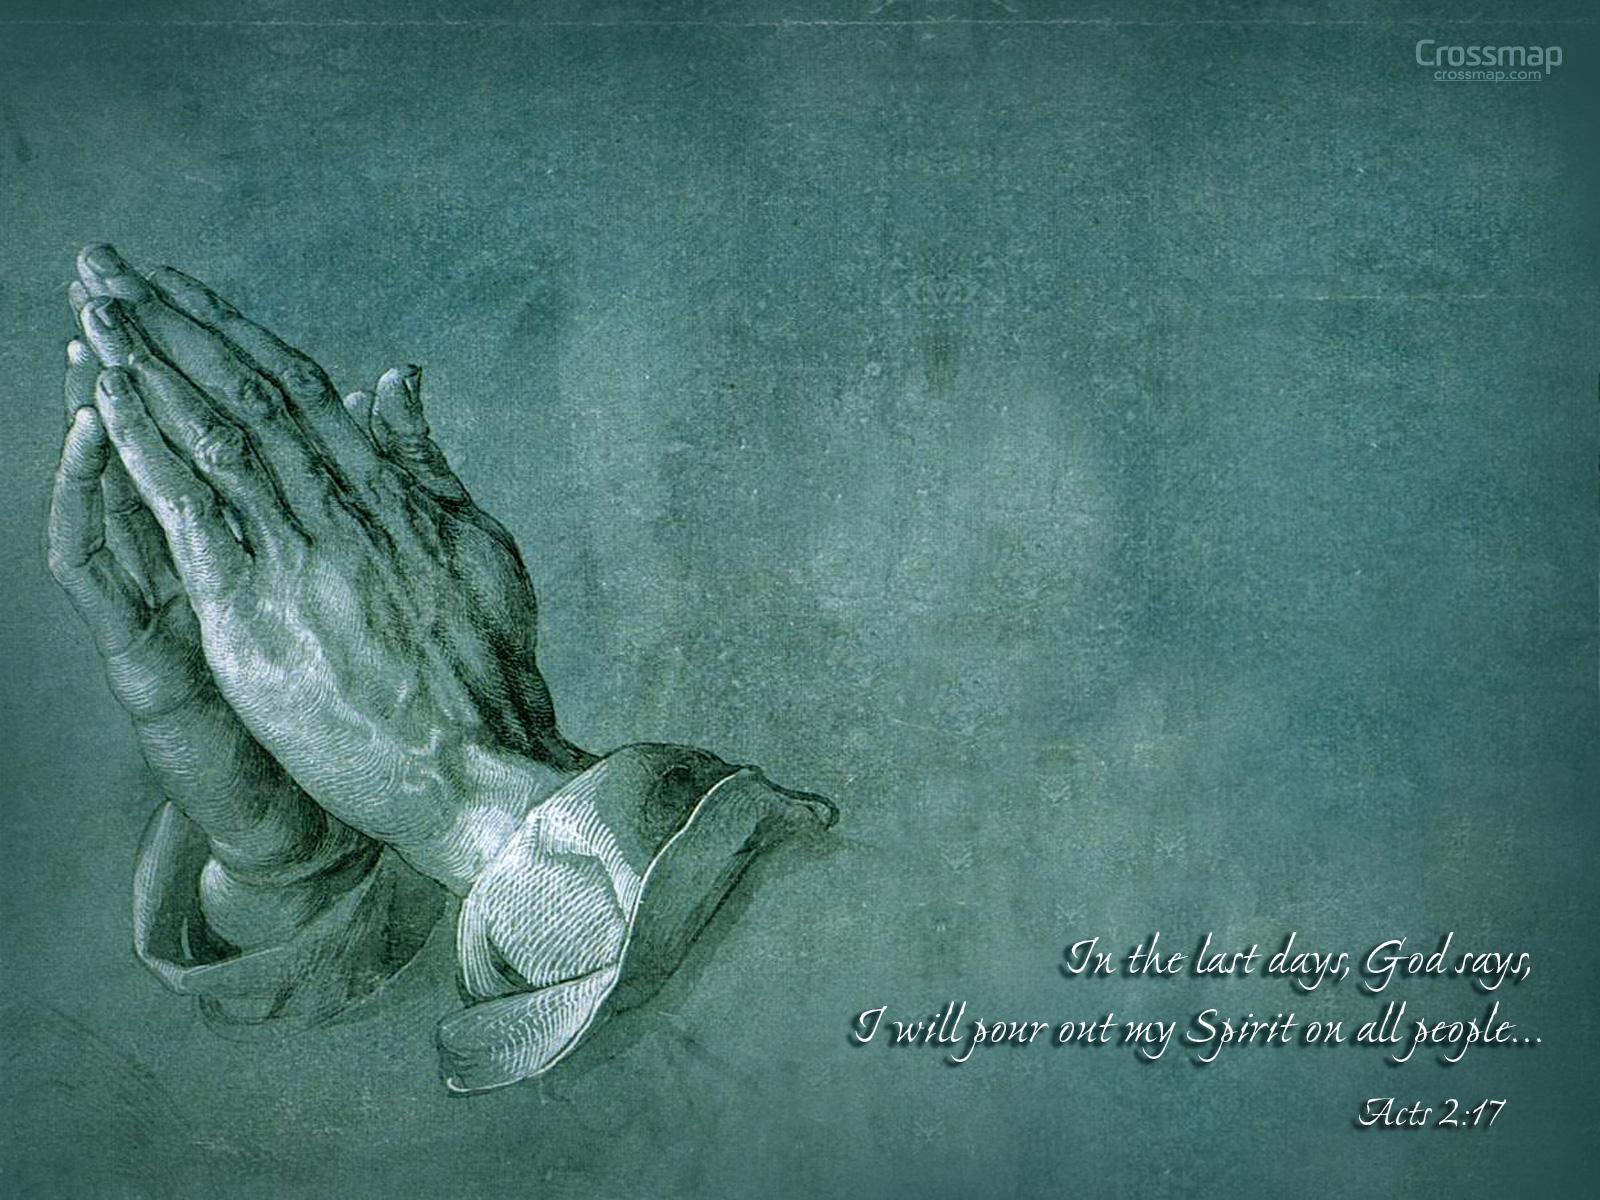 Praying Hands Wallpaper - WallpaperSafari